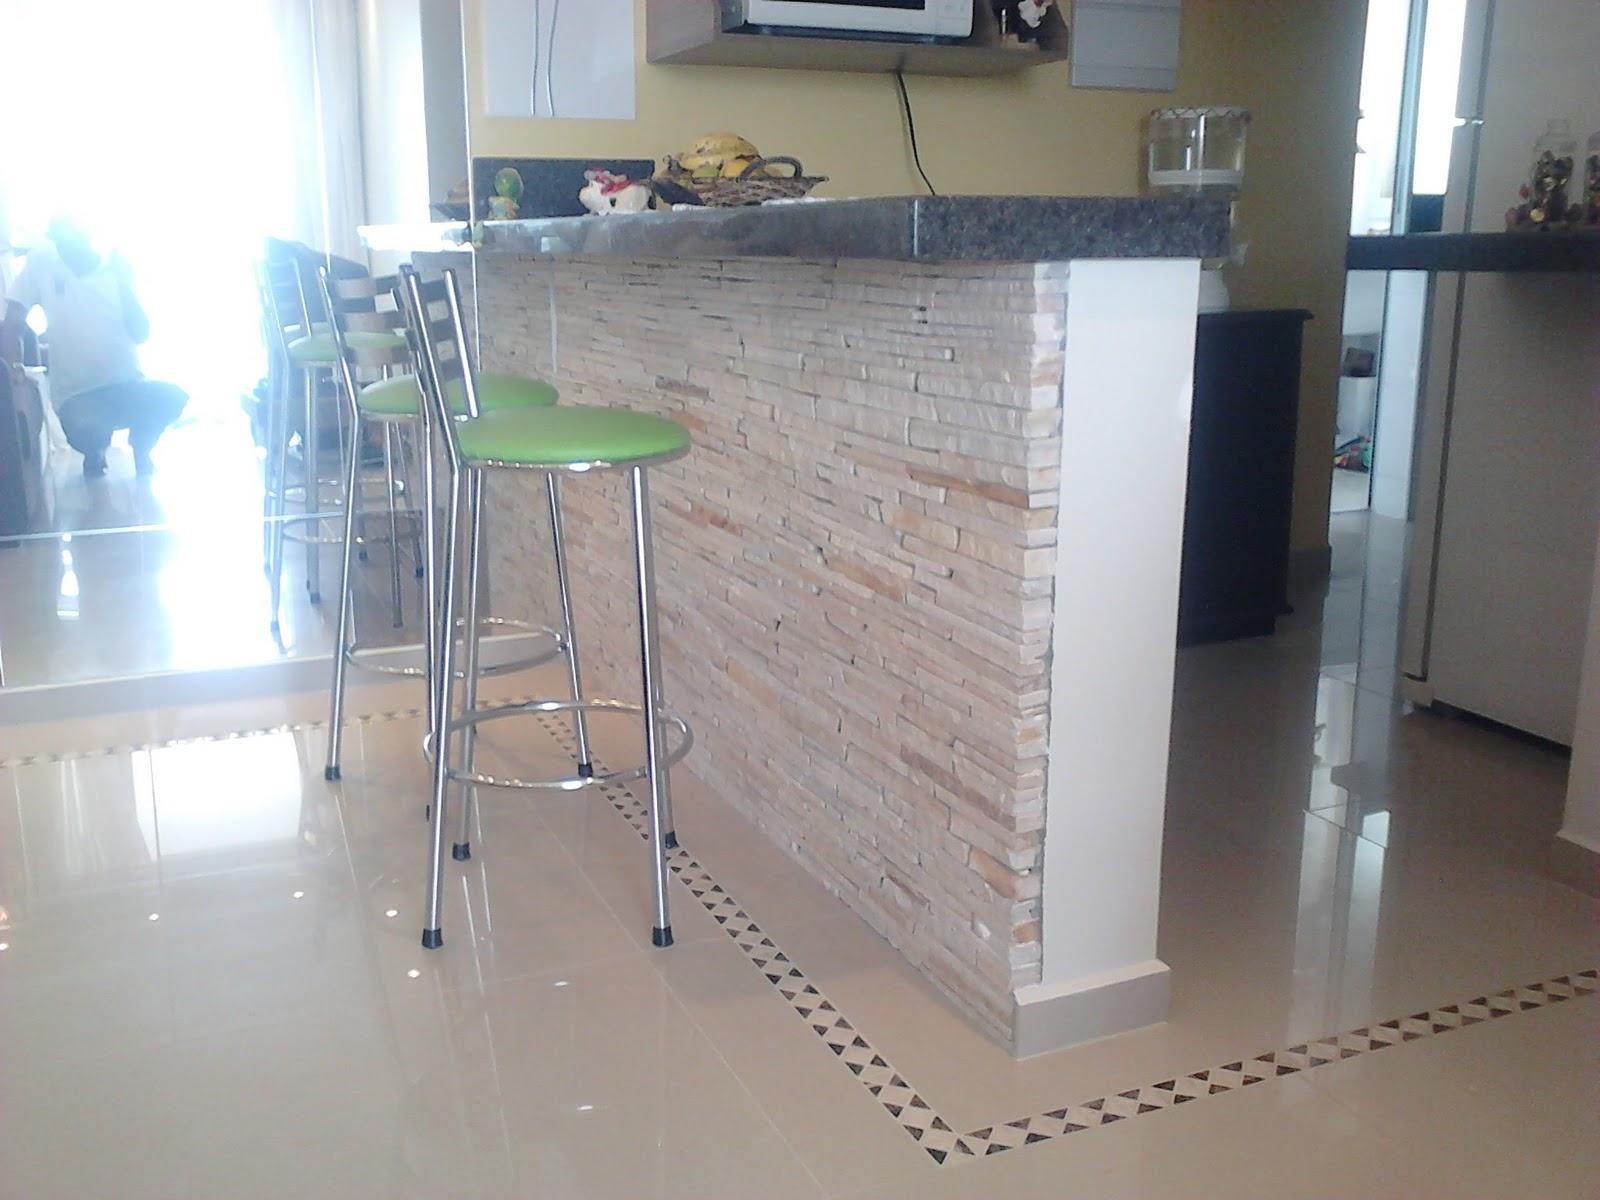 #456A86 Projeto Cozinha Americana Casa & Conforto 1600x1200 px Bancada De Cozinha Americana De Porcelanato #1349 imagens